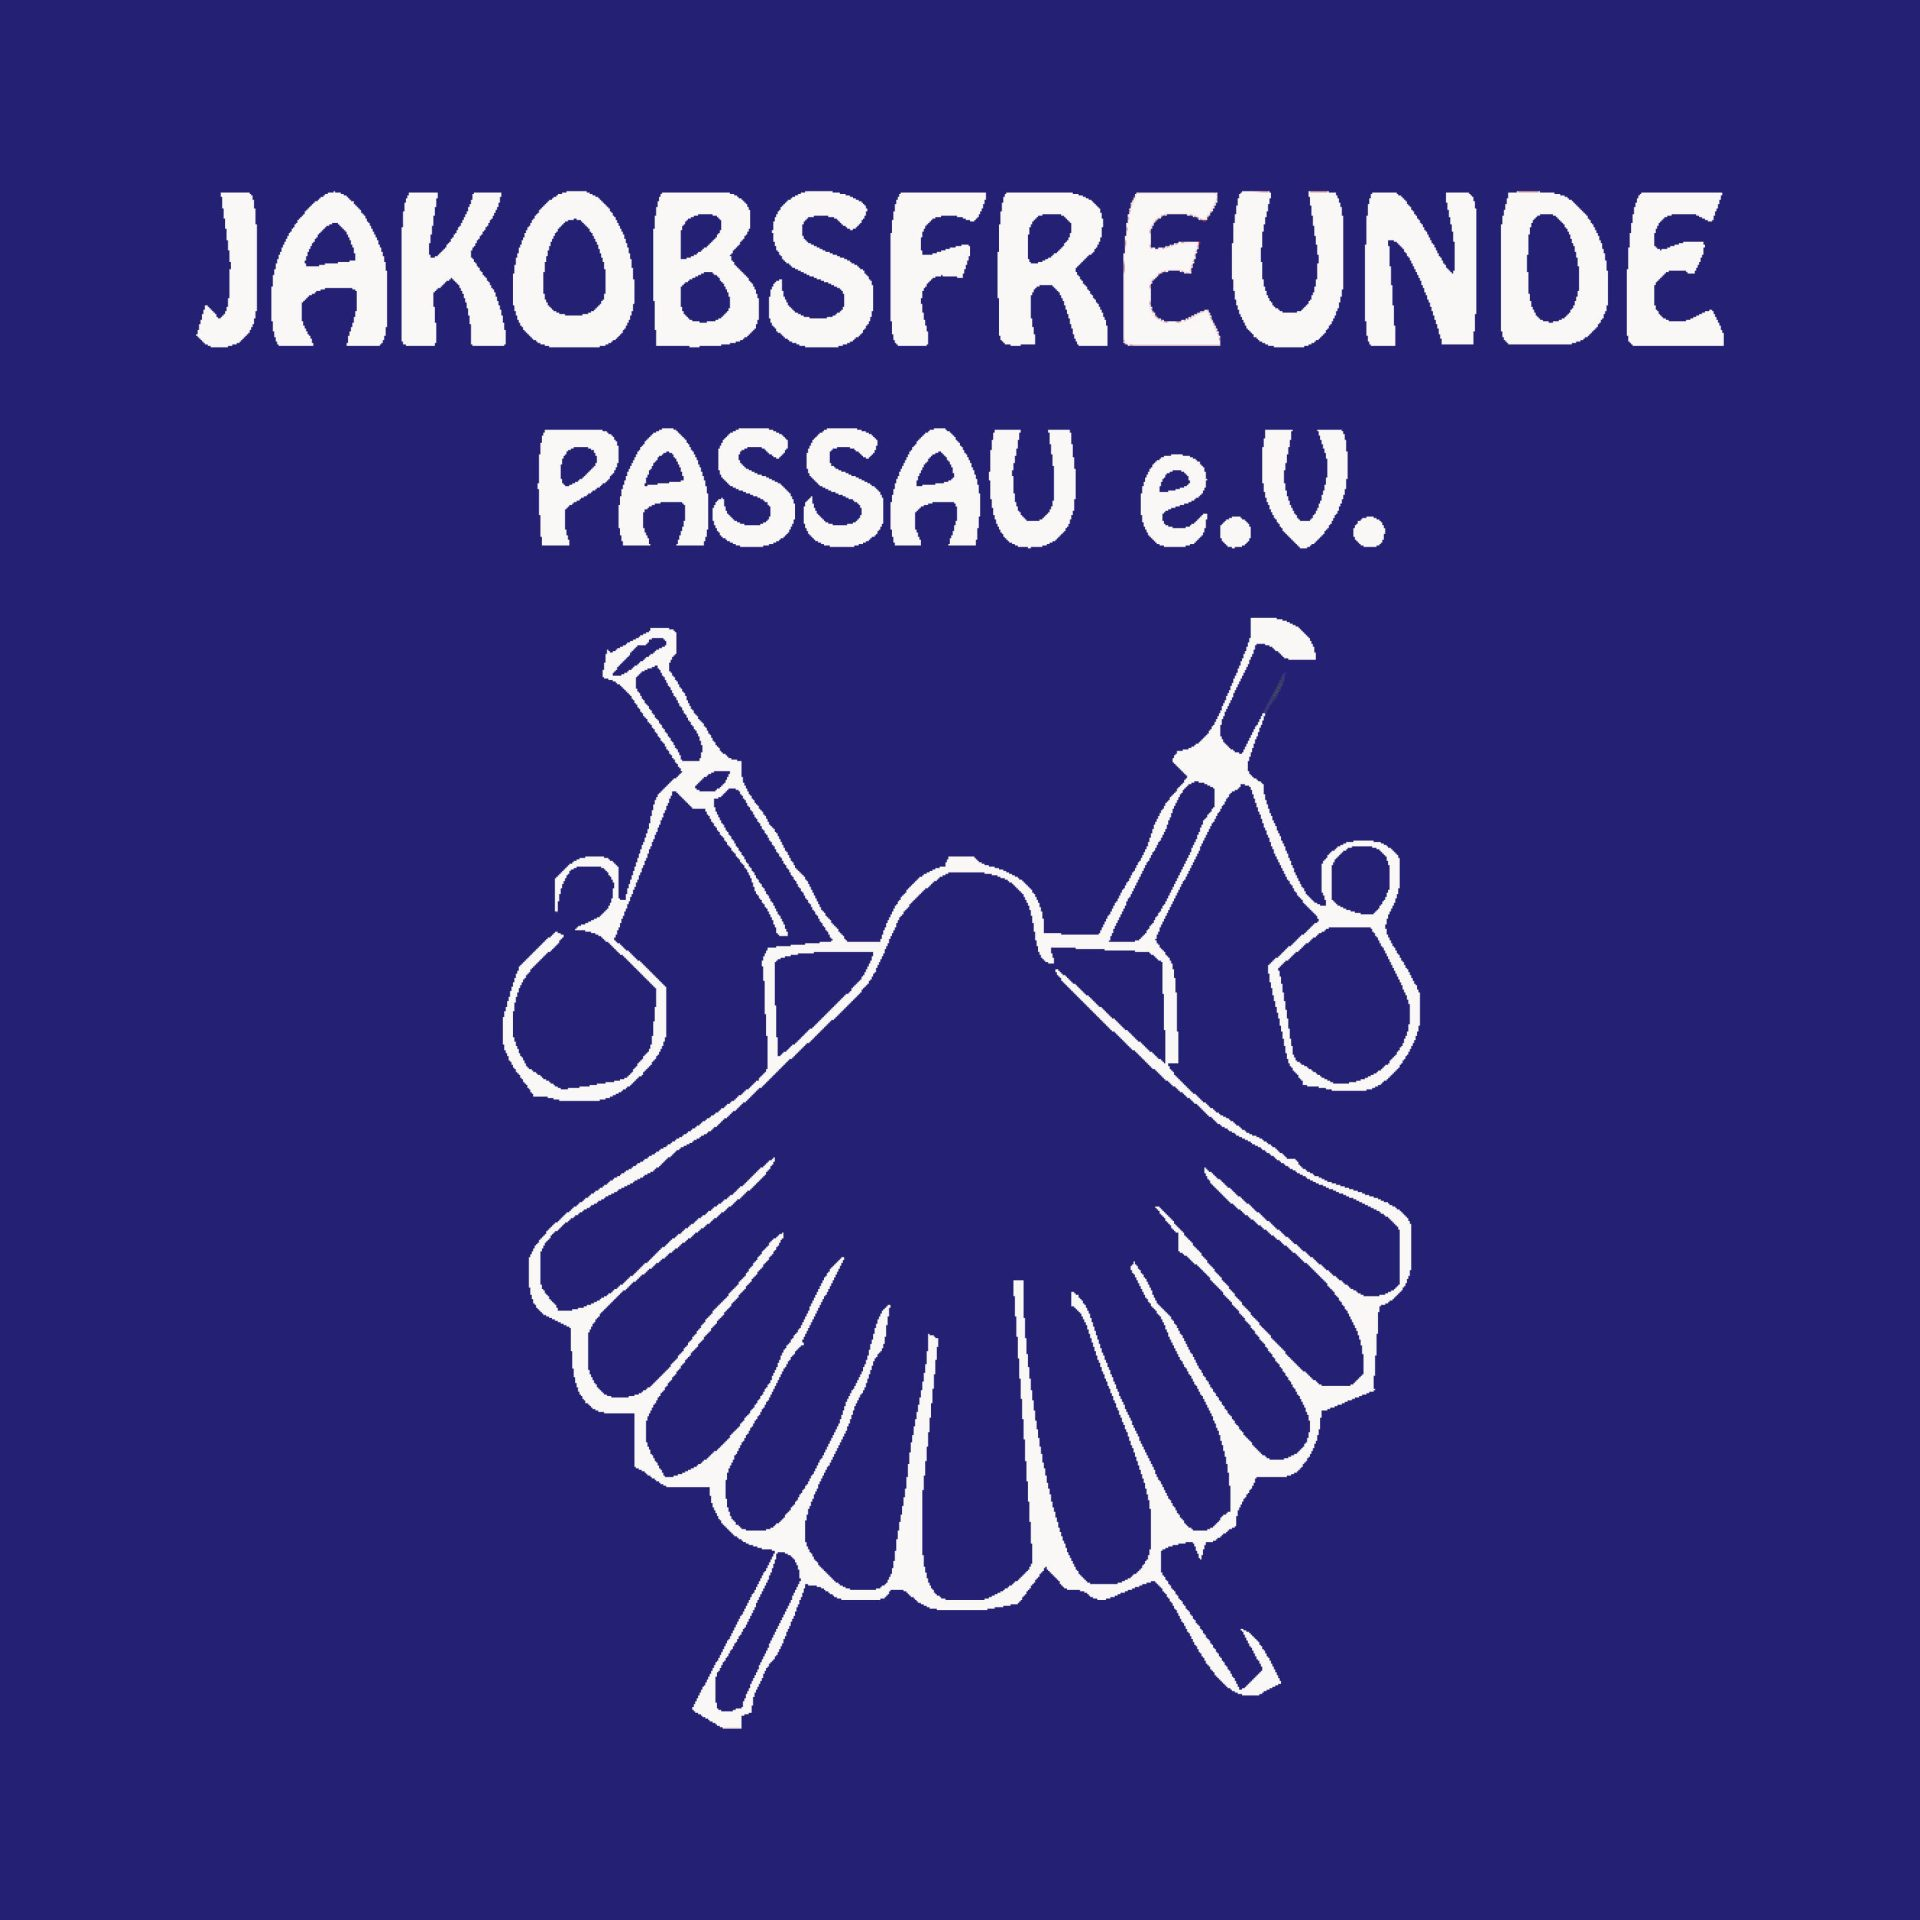 Jakobsfreunde Passau e.V.